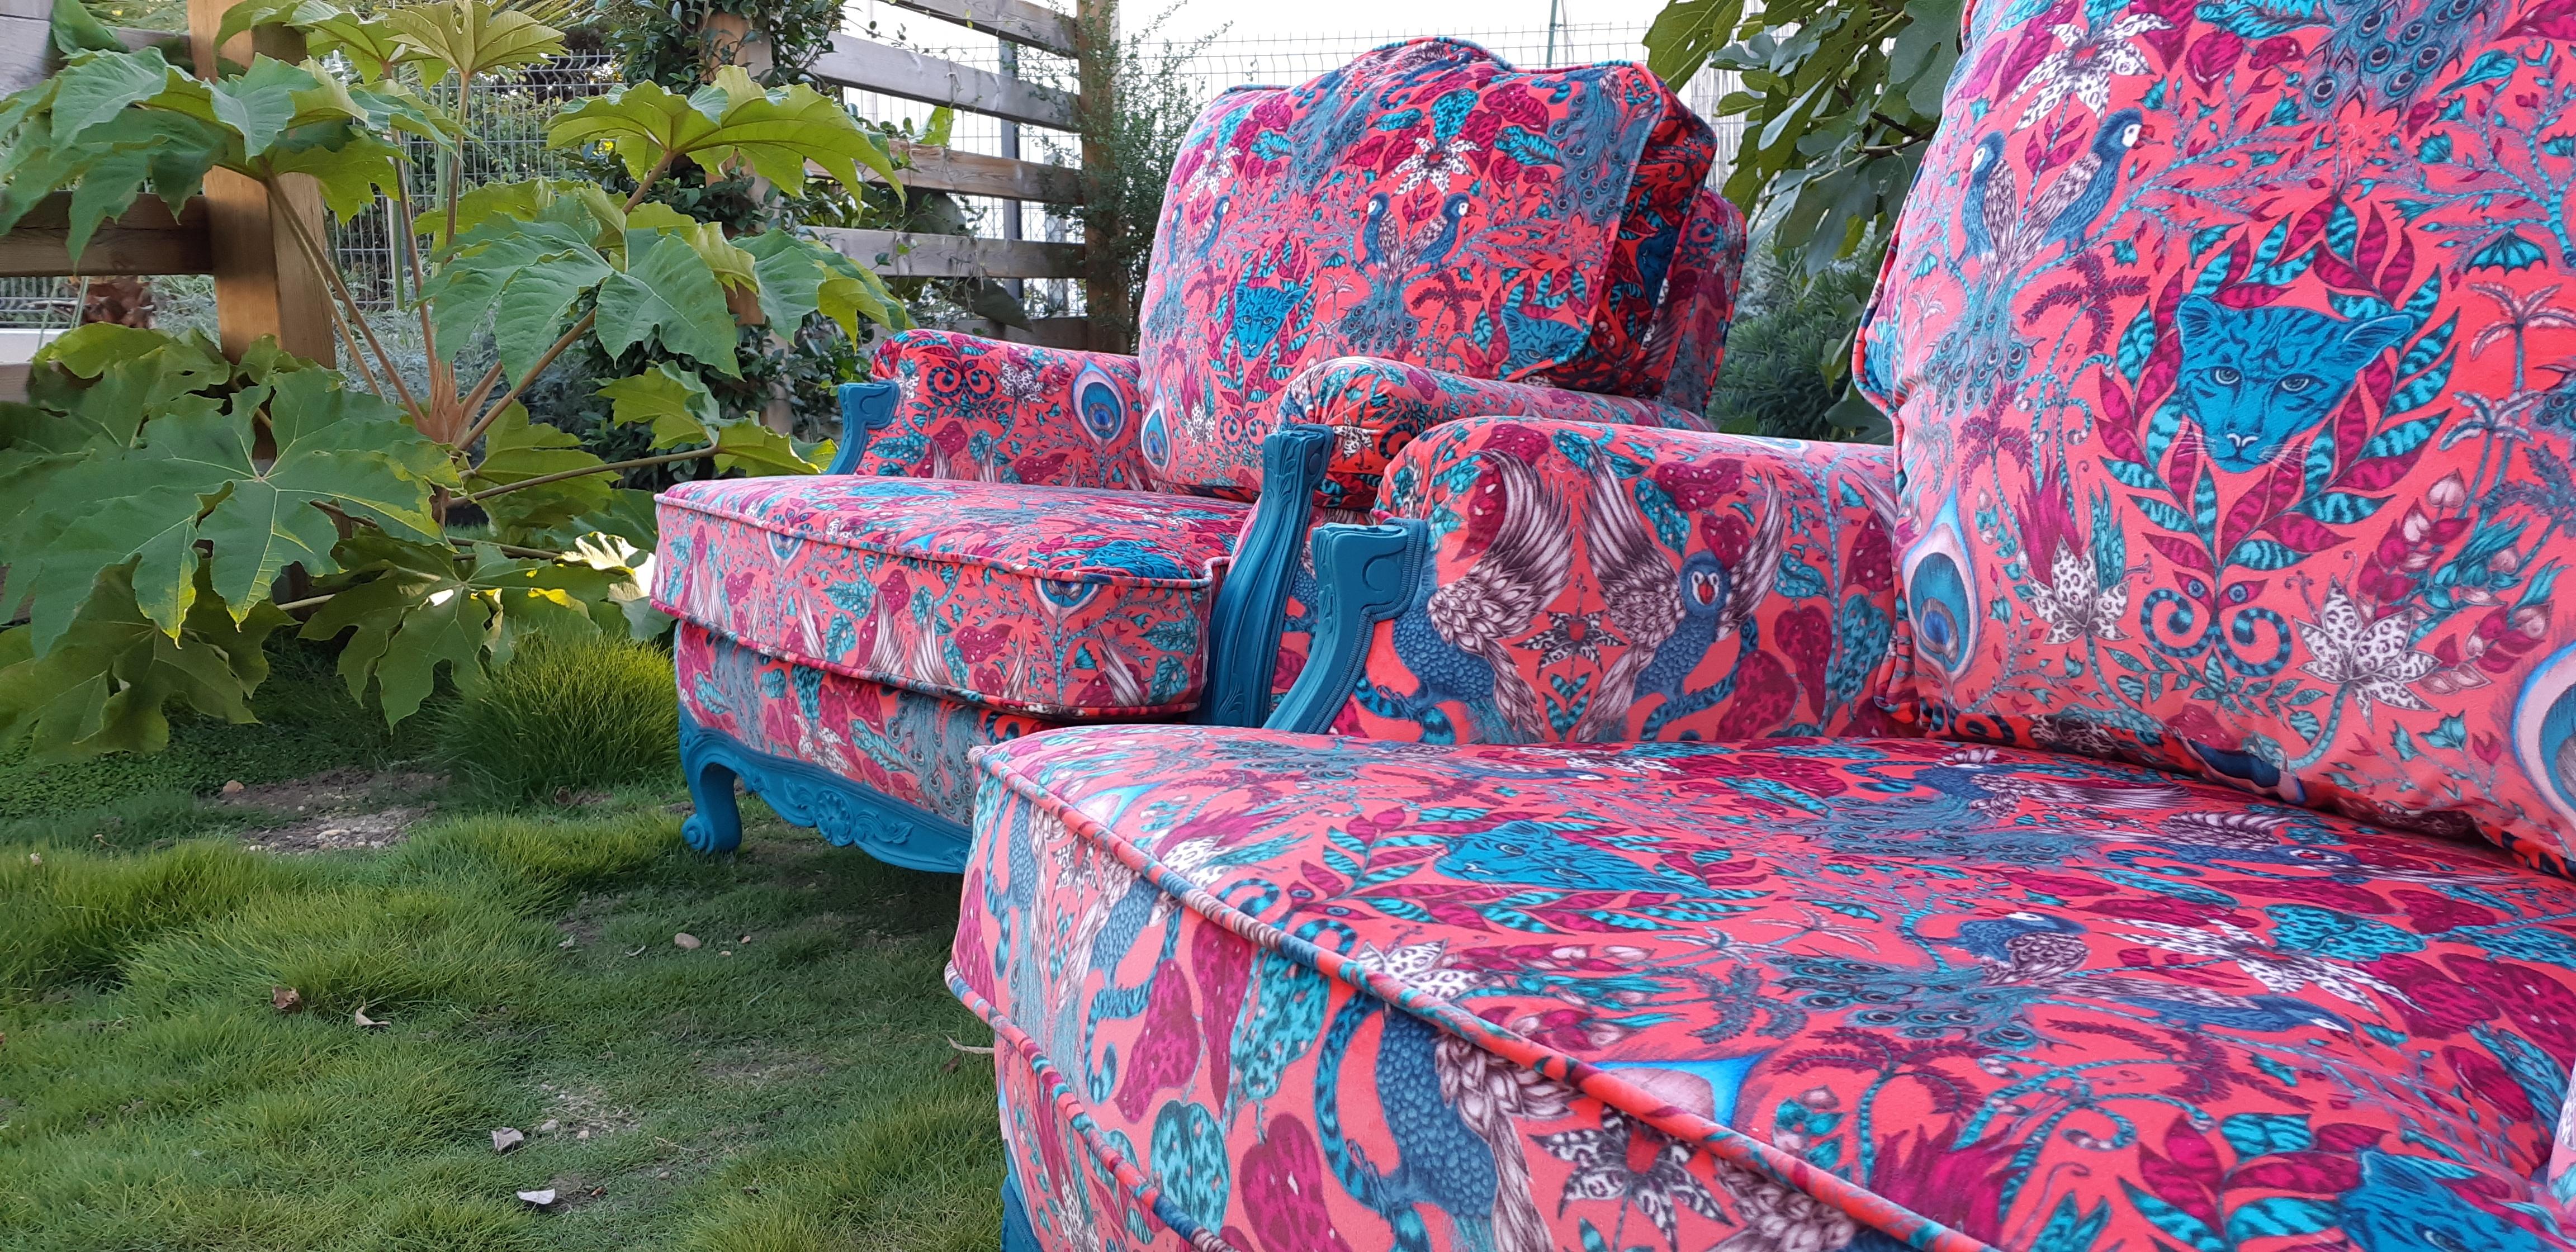 fauteuil-bergere-tapissier-decorateur-artisanat-art-patine-couture-ameublement-sur-mesure-coussin-tissu-editeur-clarke-and-clarke-bordeaux-gironde-gradignan-talence-merignac-pessac-cestas-leognan5